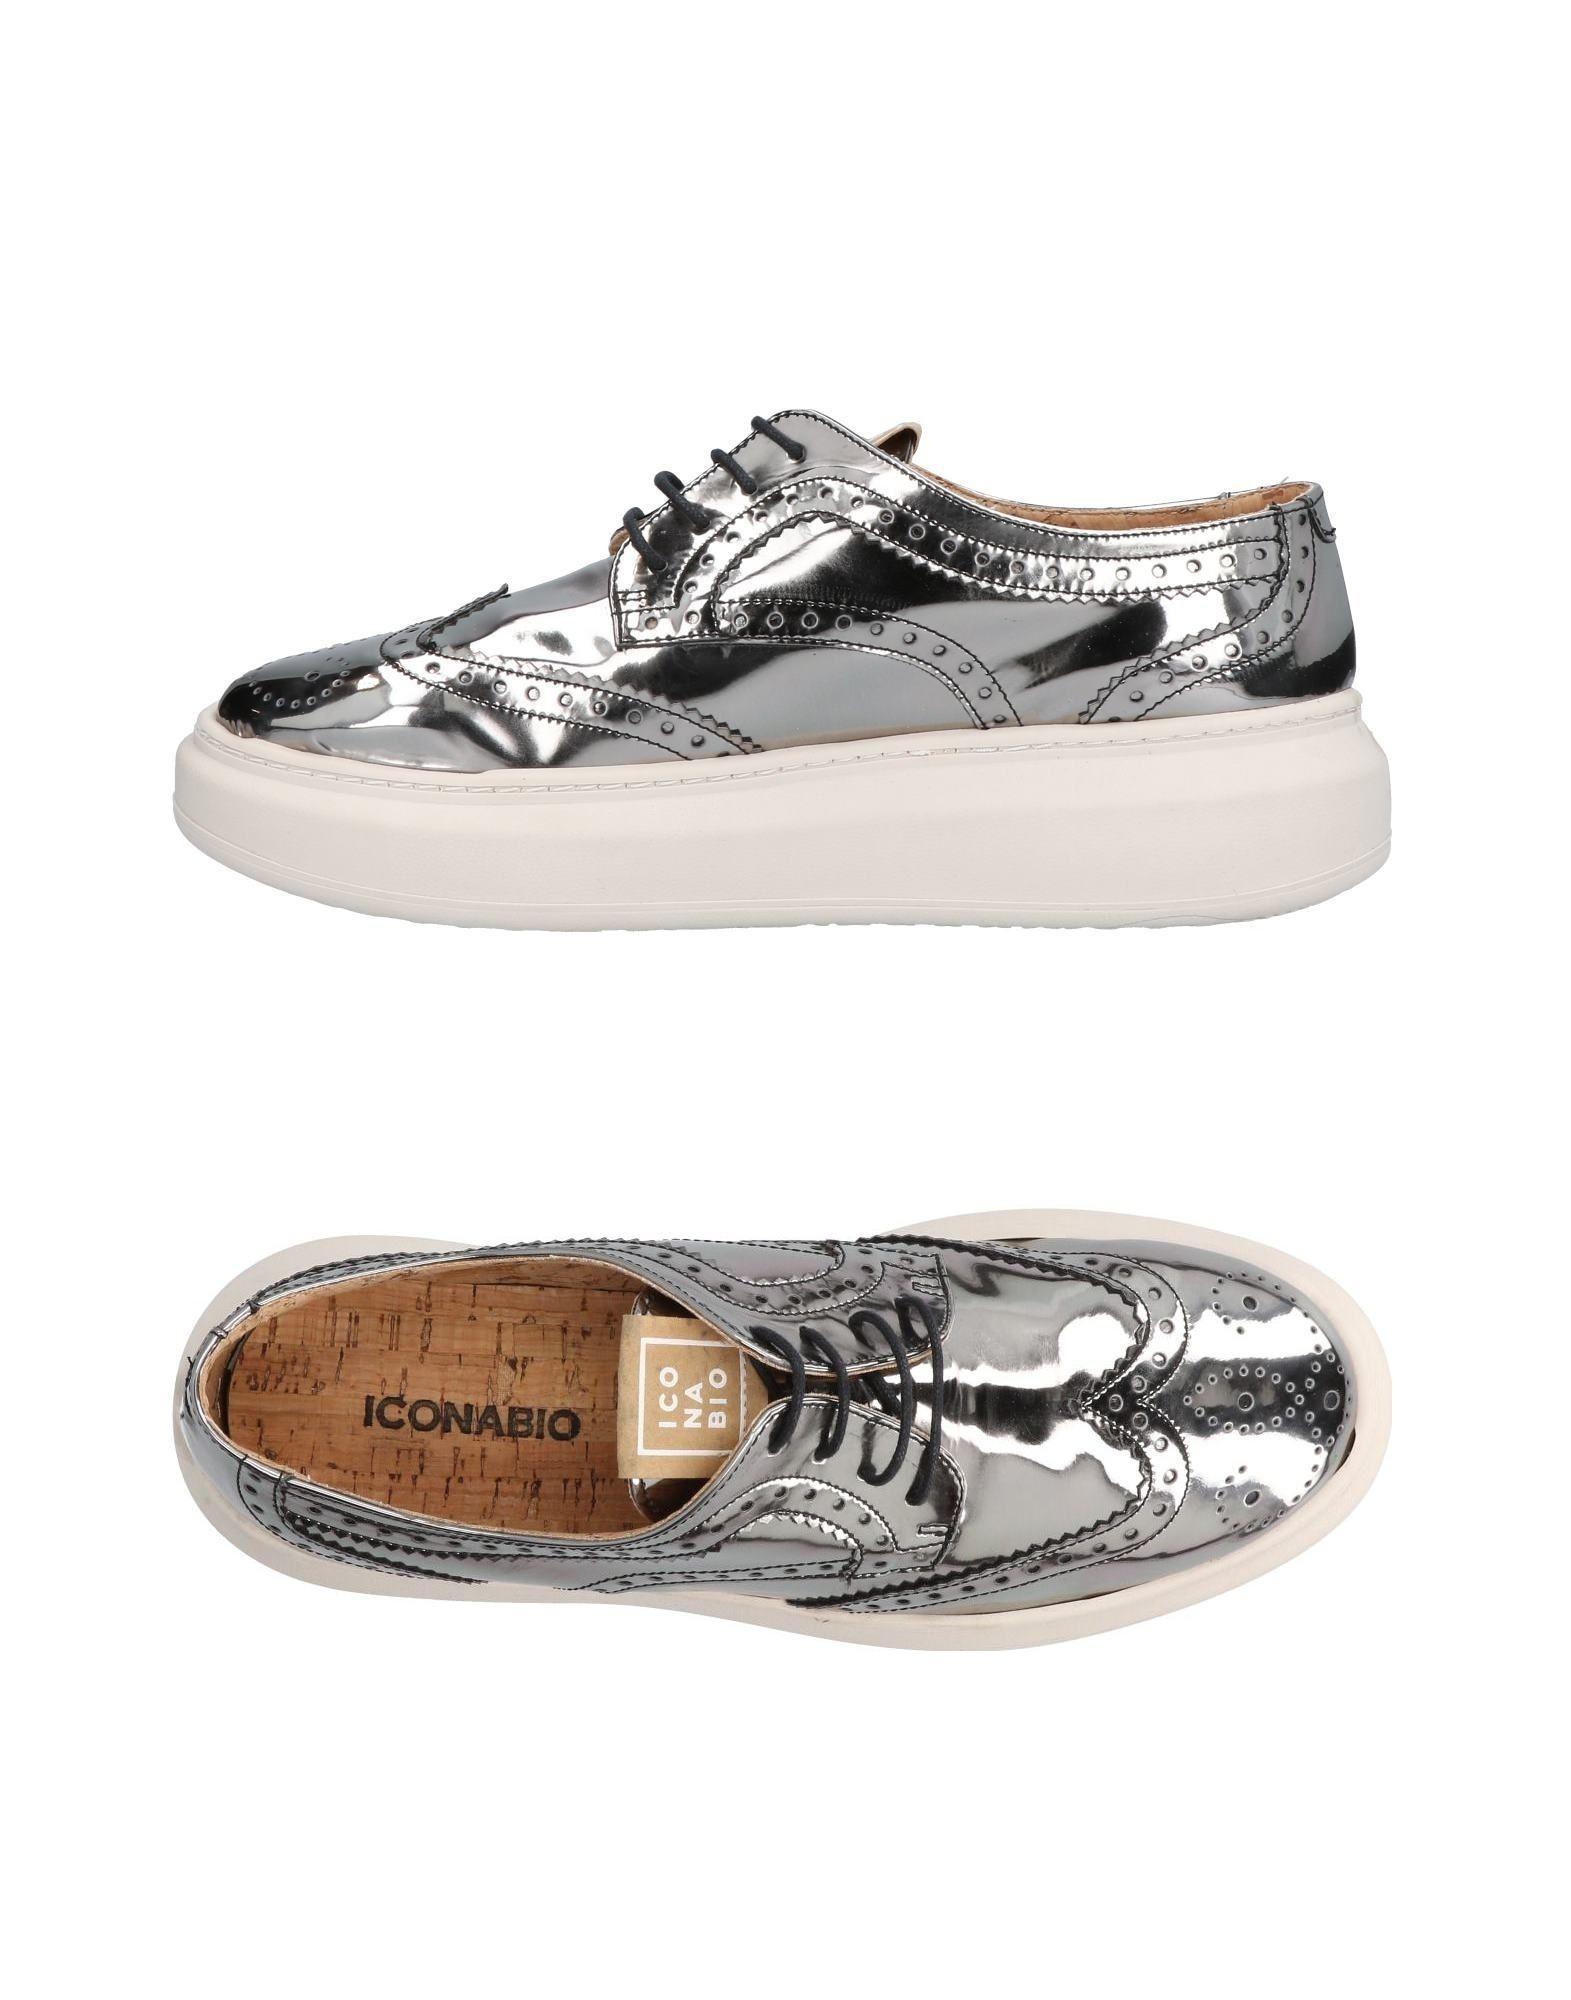 Chaussures À Lacets Icona Bio Femme - Chaussures À Lacets Icona Bio sur